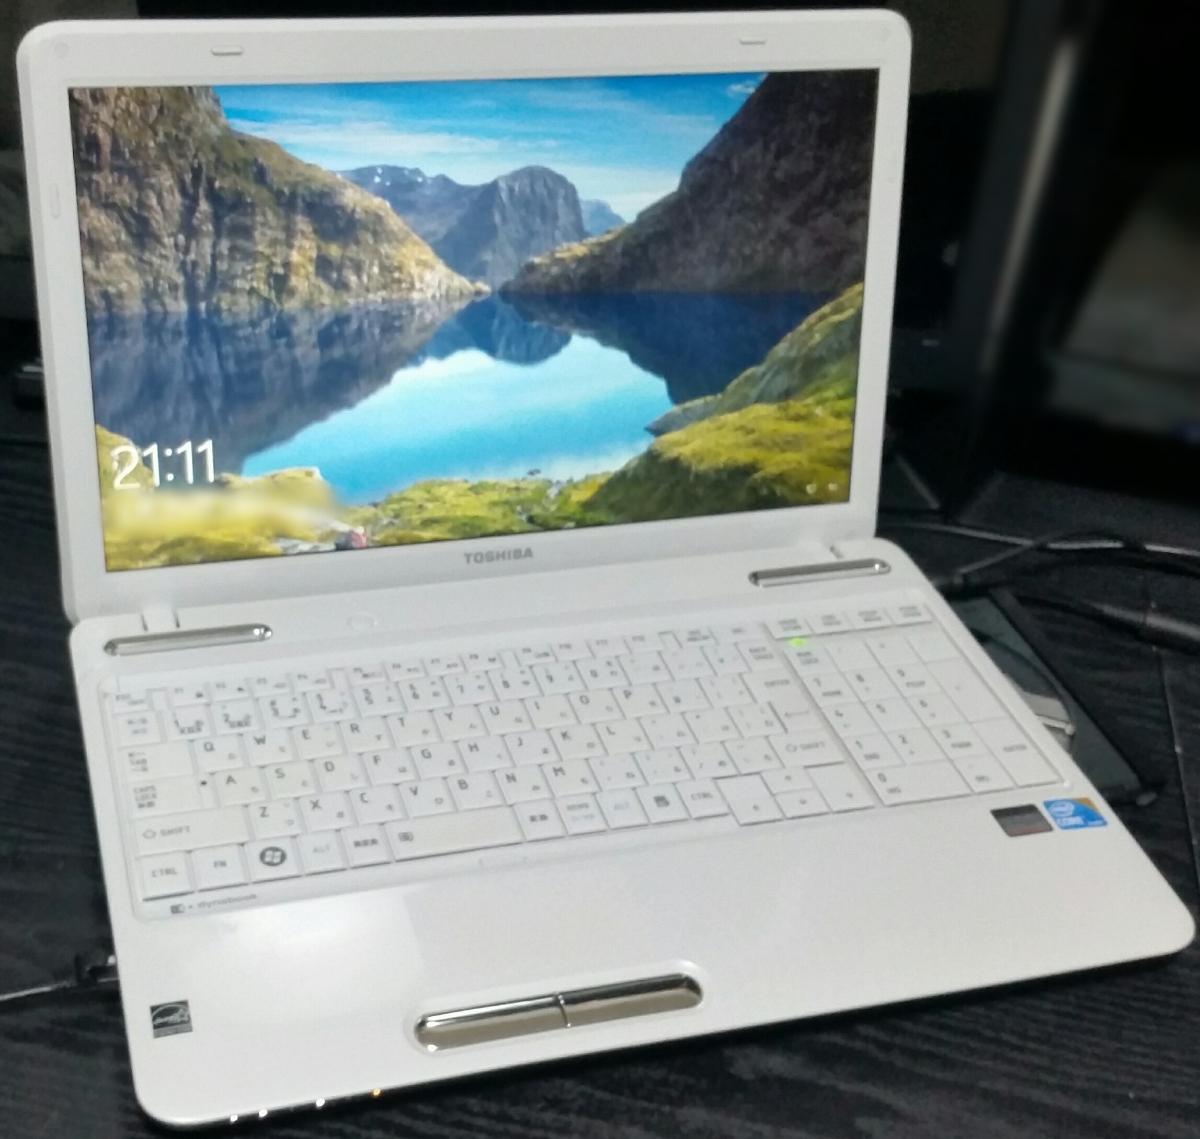 綺麗☆Core i5[4-8GB]大容HDD500GB dynabook Win10 Office2013 [DVD-Blu-ray] HDMI 1000Base-T AC付き 人気ホワイト 送料無料♪特典有★